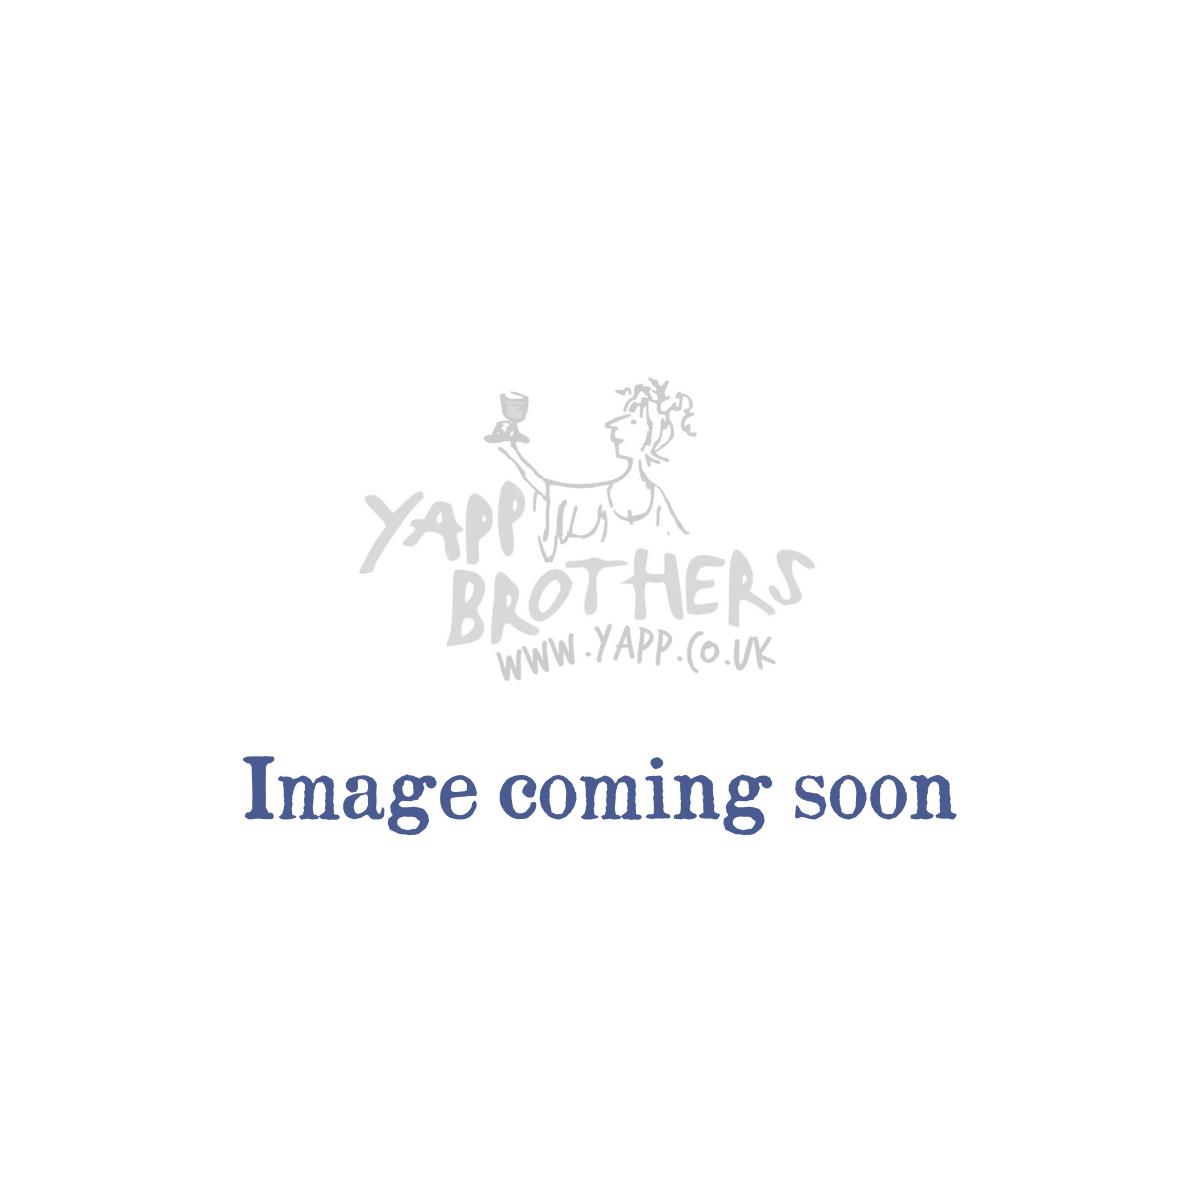 Lussac-Saint-Émilion: Château Milonblanc 2018 - Bottle Rear Label